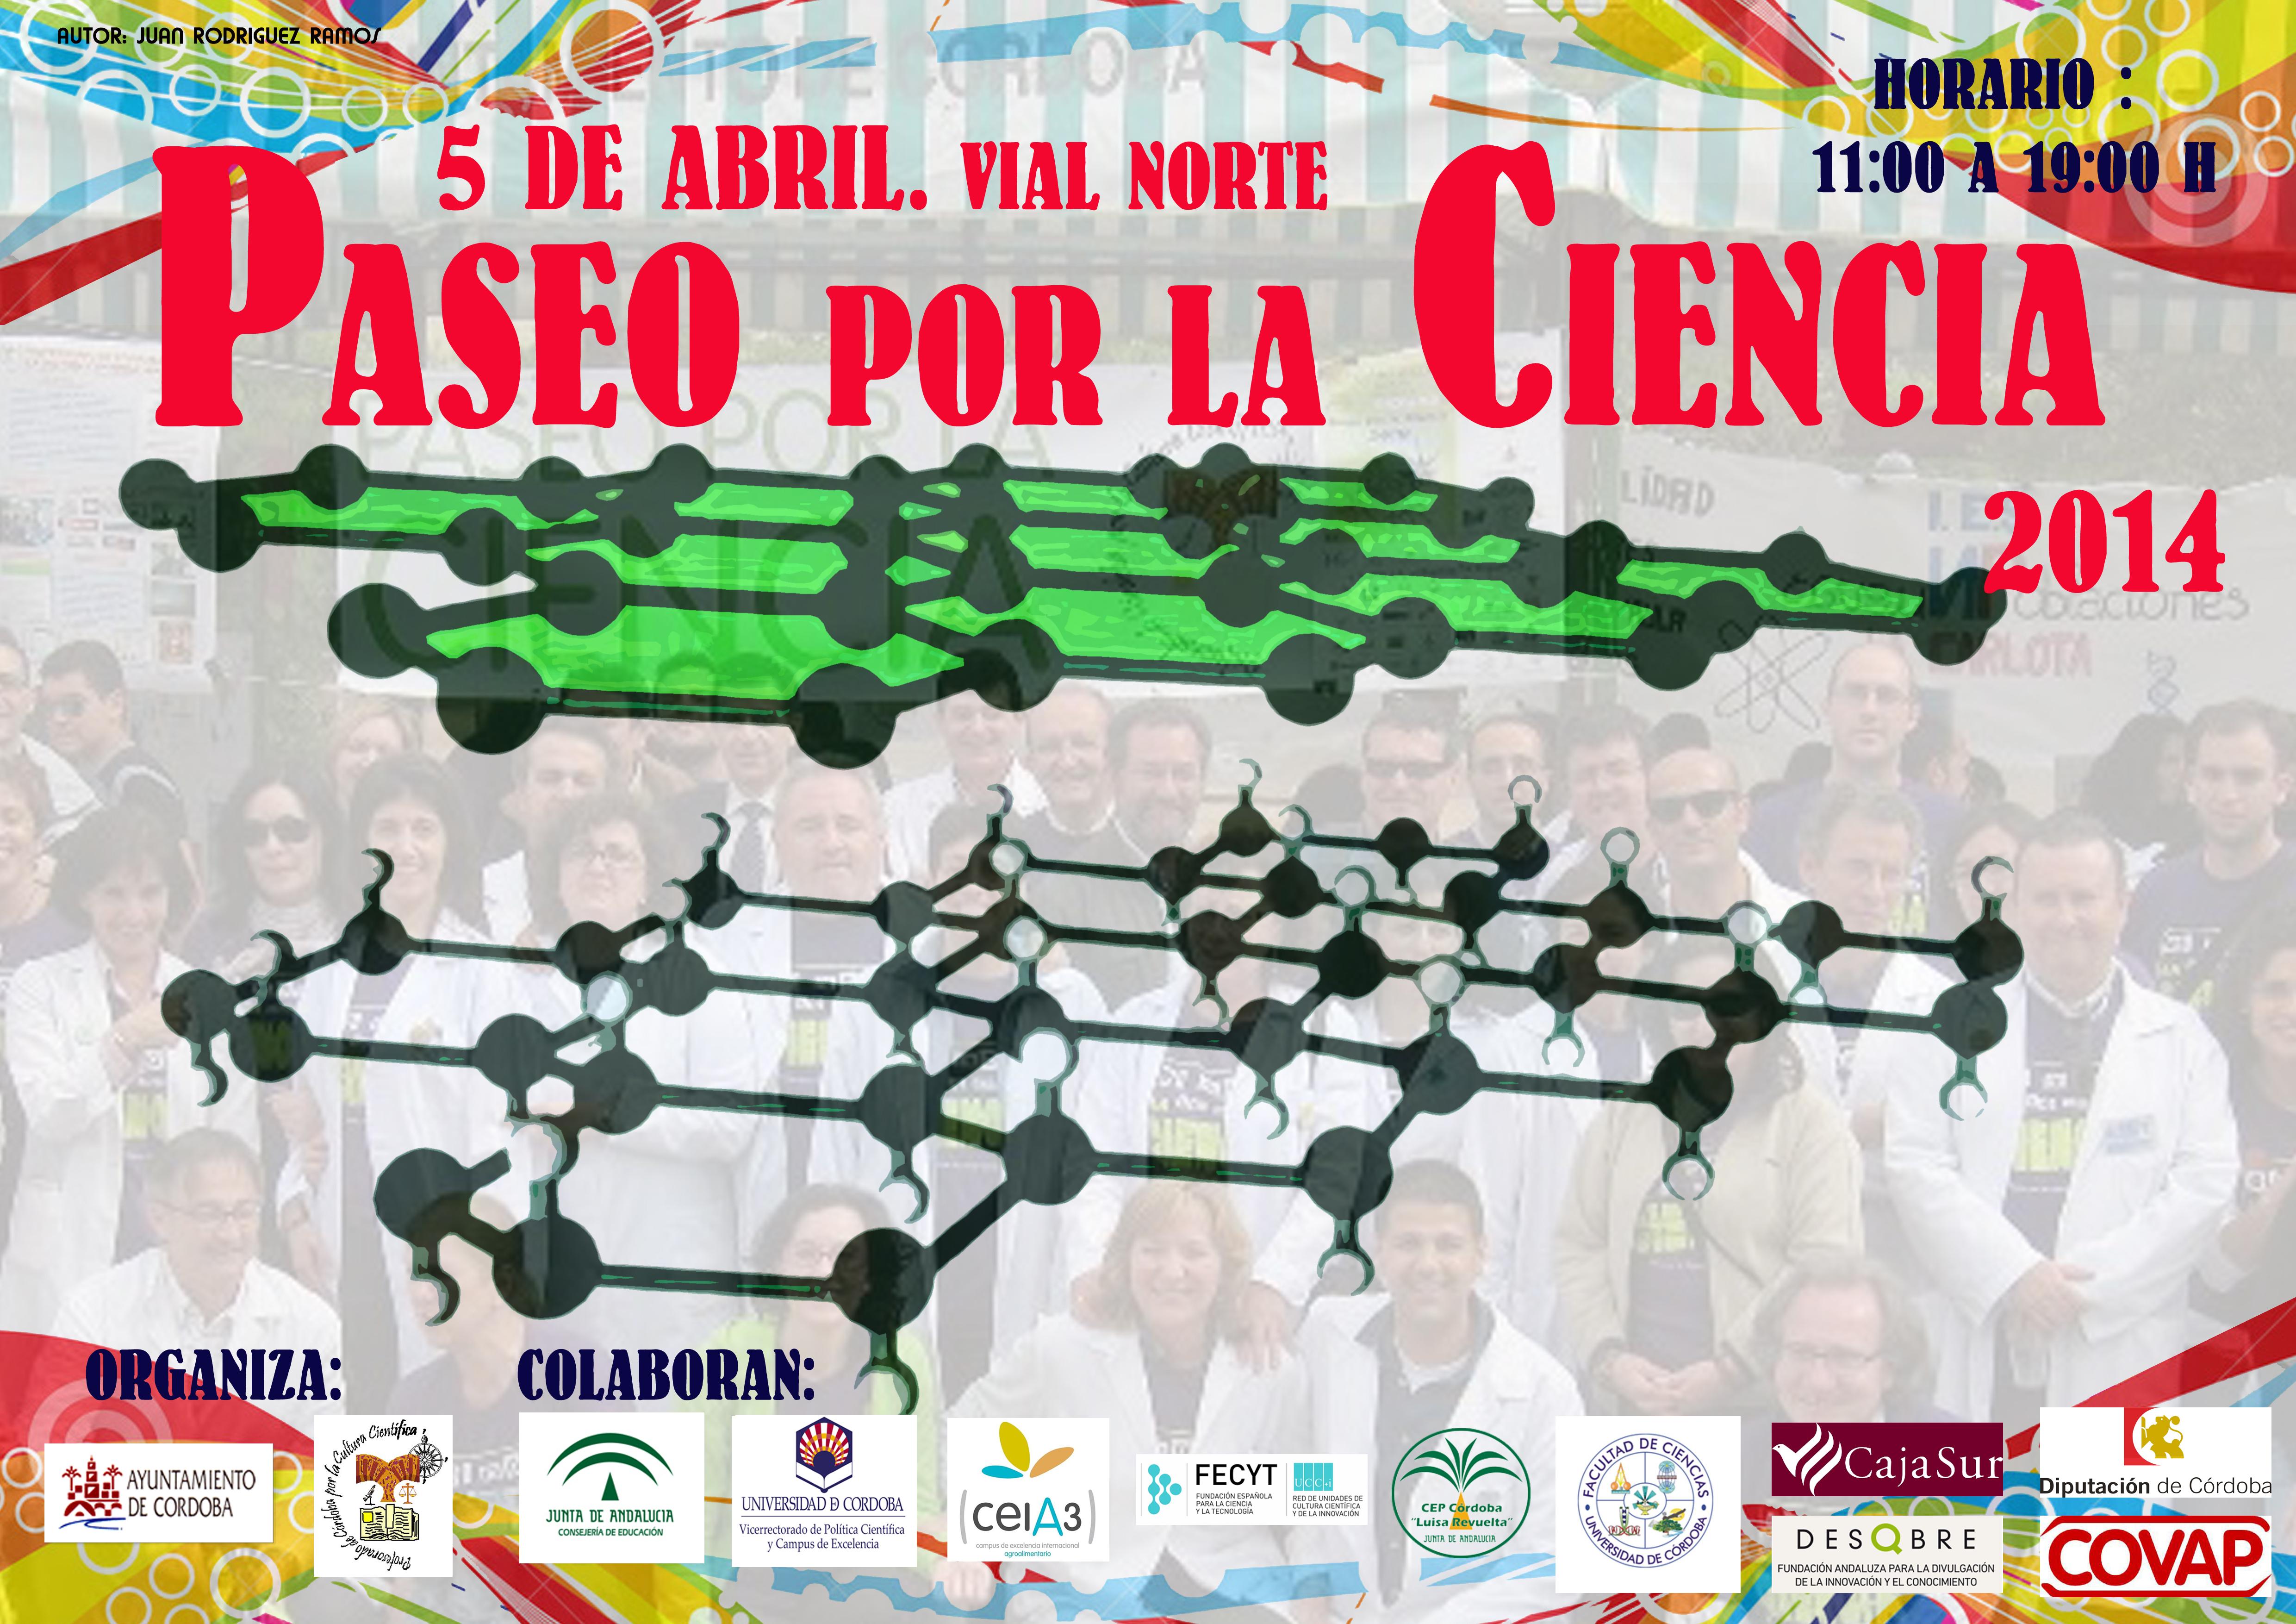 Cartel de Paseo por la Ciencia 2014